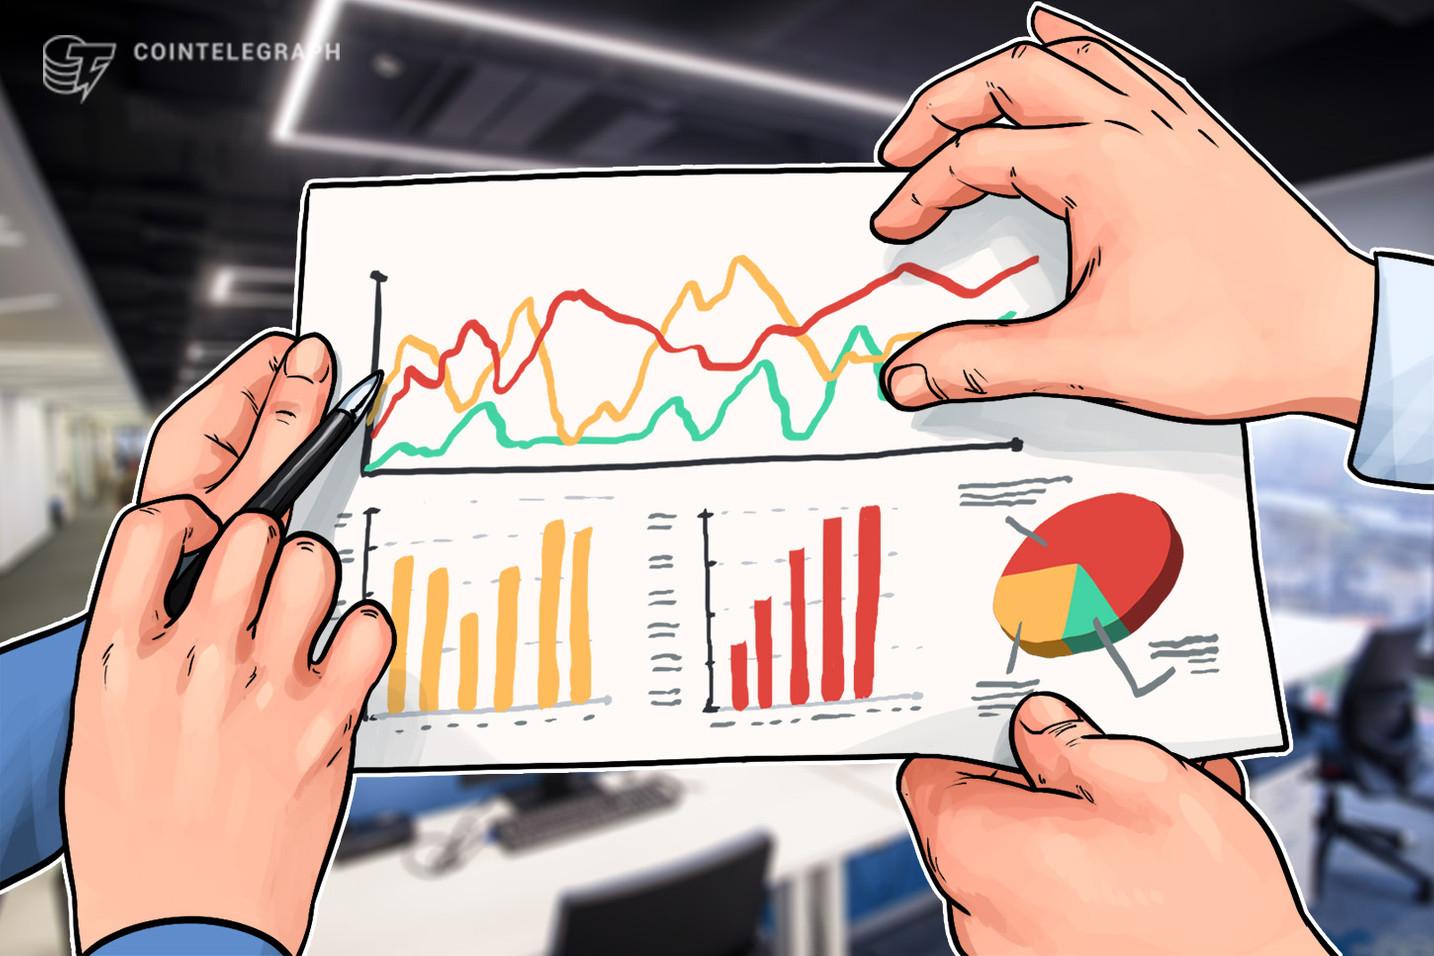 Circle veröffentlicht dritten Audit-Bericht zu Dollarreserven des Stablecoin USDC